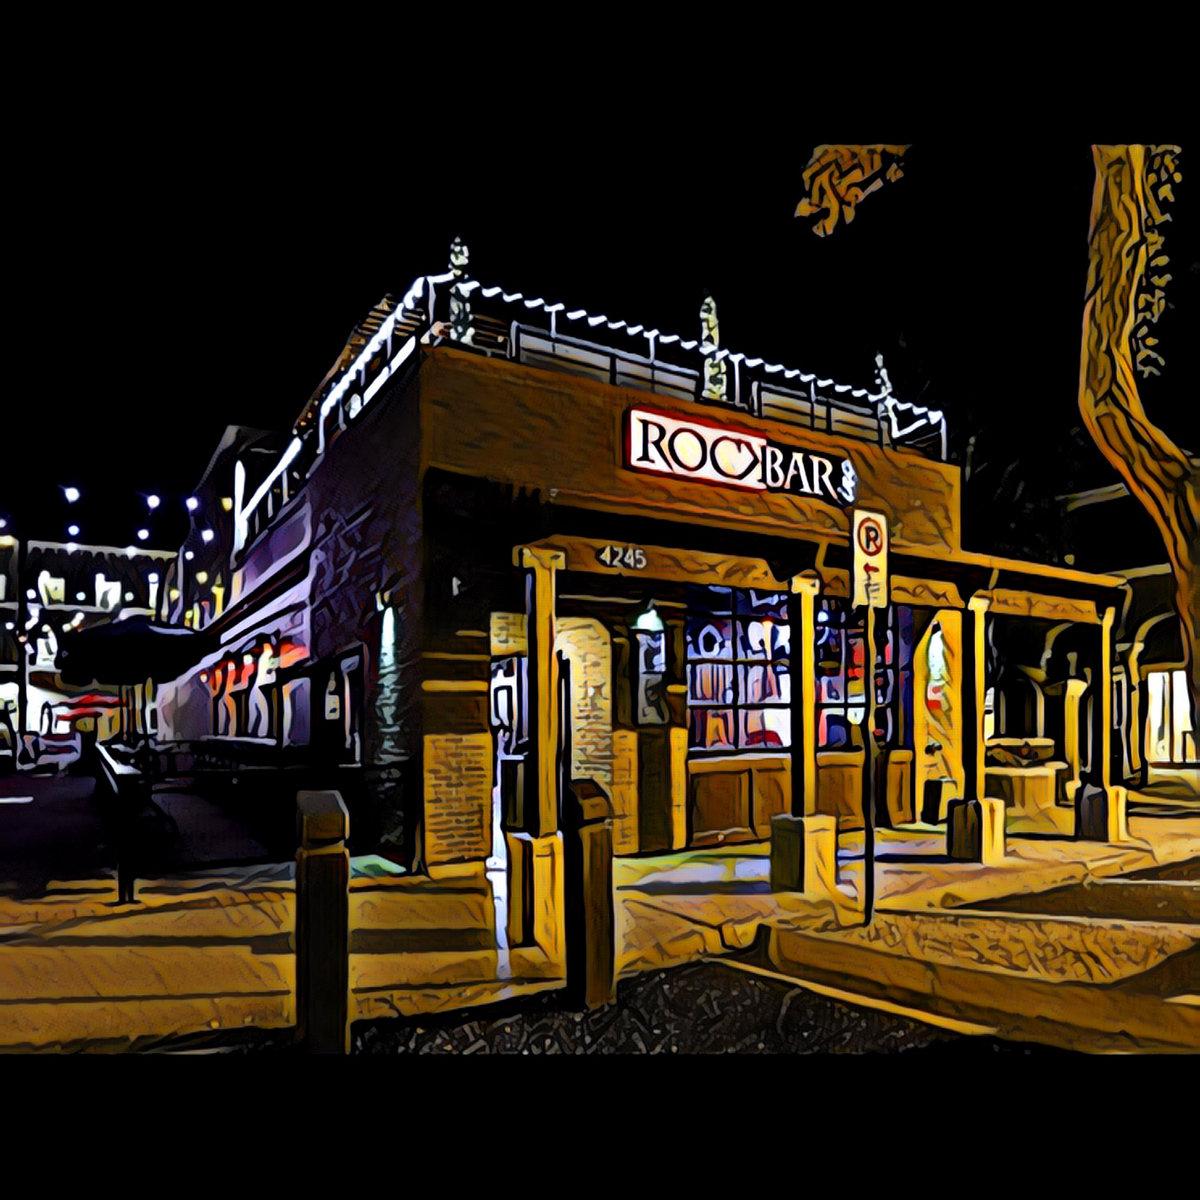 Rockbar Scottsdale Nightlife